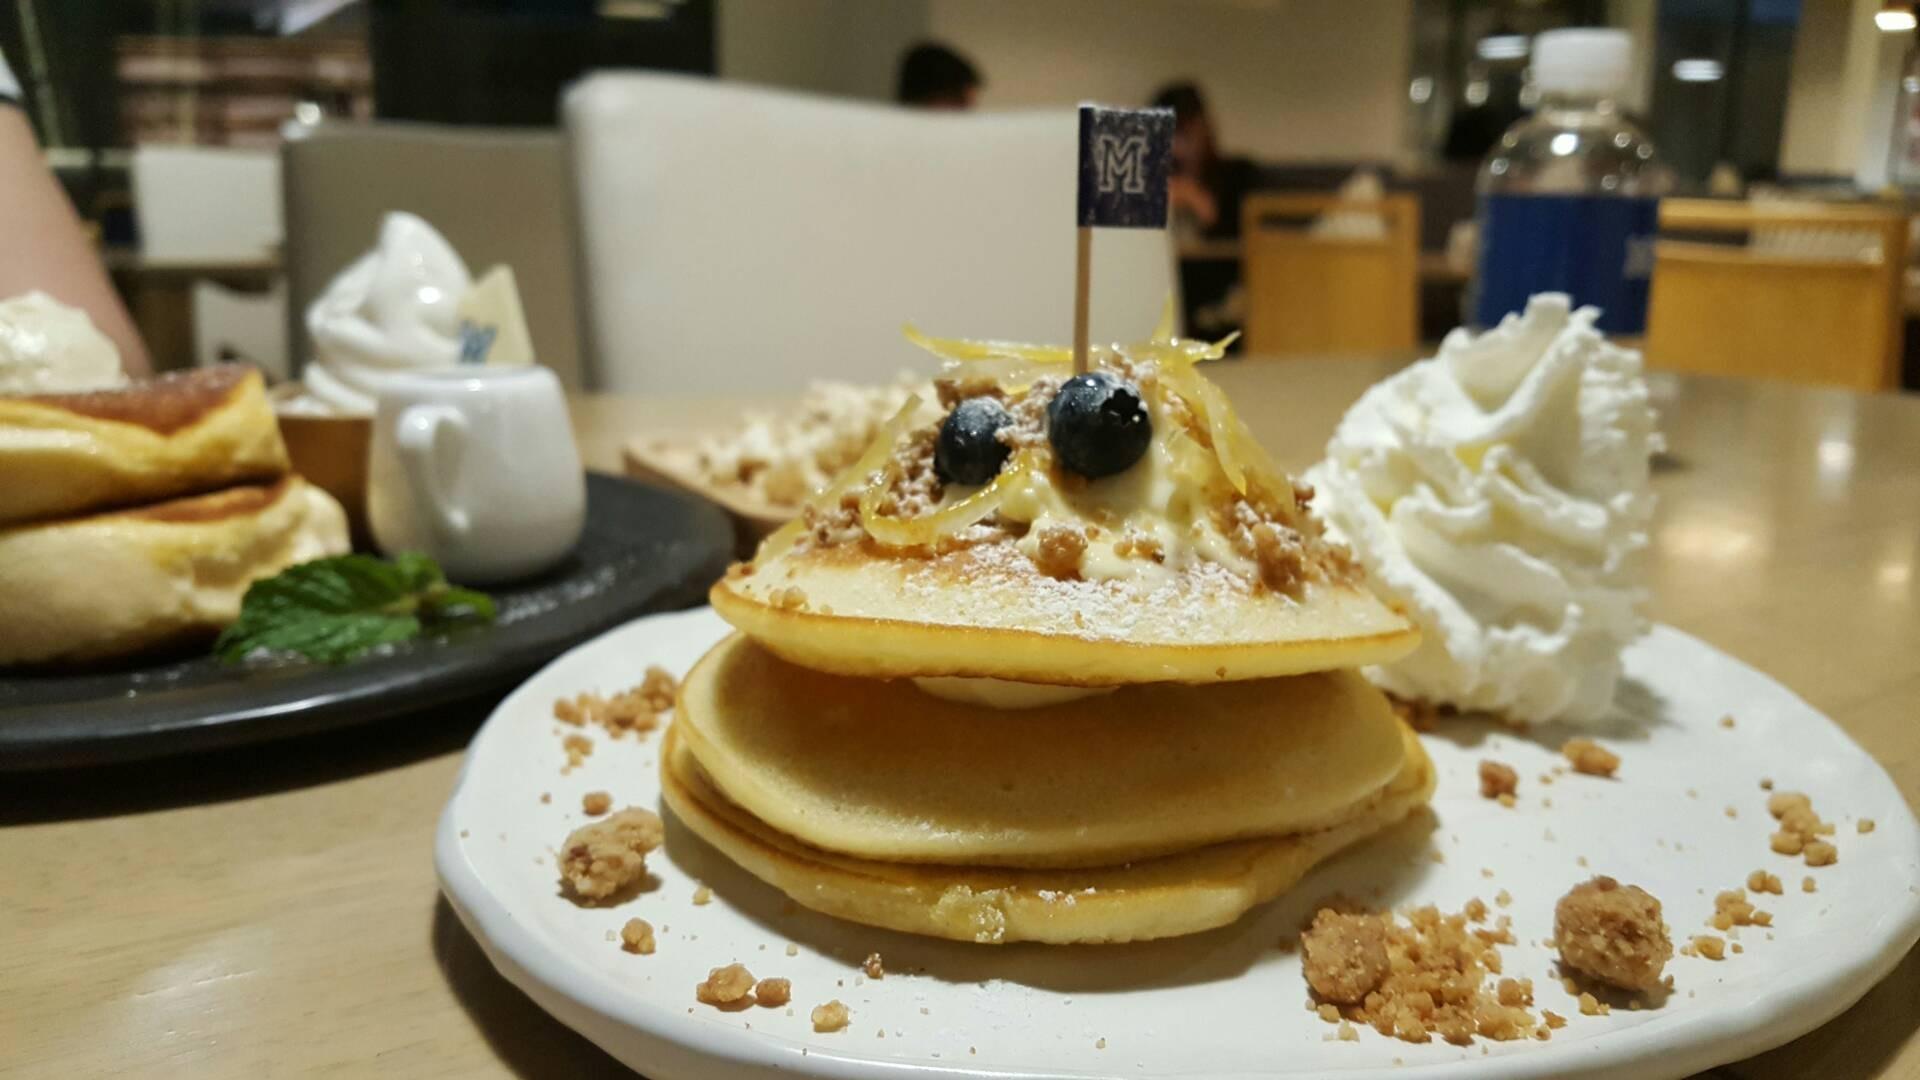 แพนเค้กครีมเลมอน เป็นแพนเค้ก ทาด้วยครีมชีสรสเลมอน มีครัมเบิ้ลกรอบกับผิวเลมอนเชื่